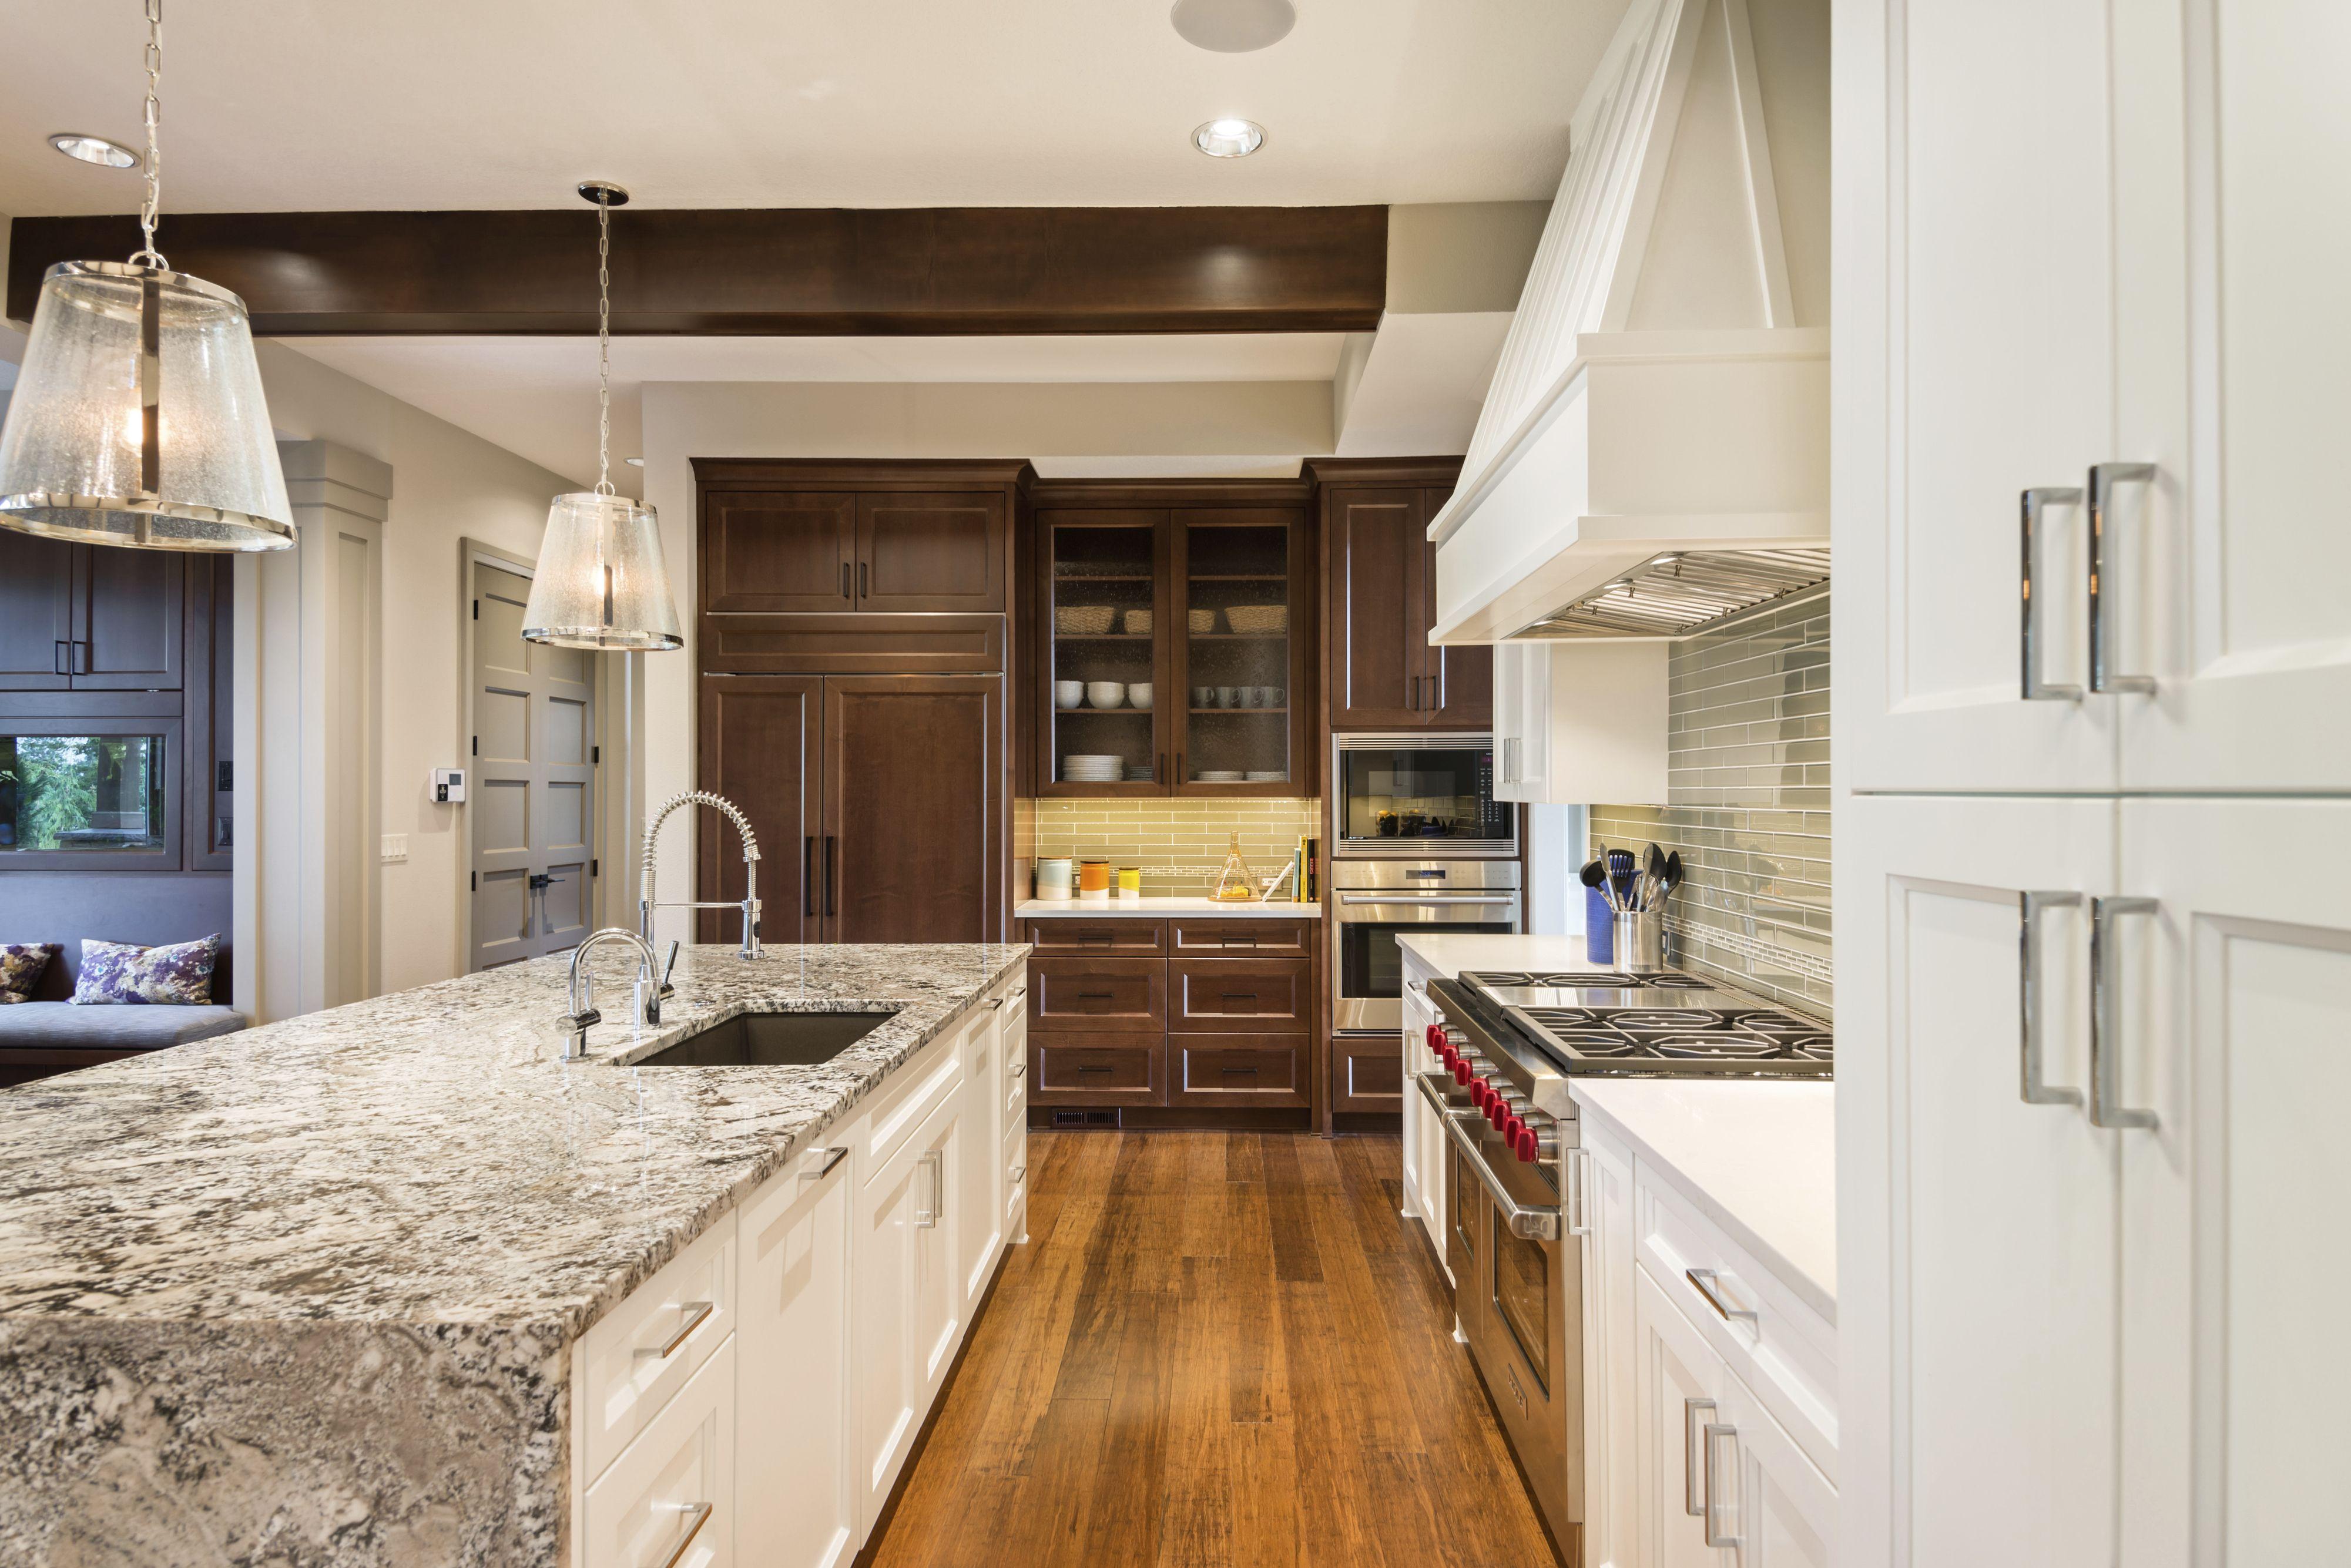 Küche Umgestalten Auftragnehmer Überprüfen Sie mehr unter http ...